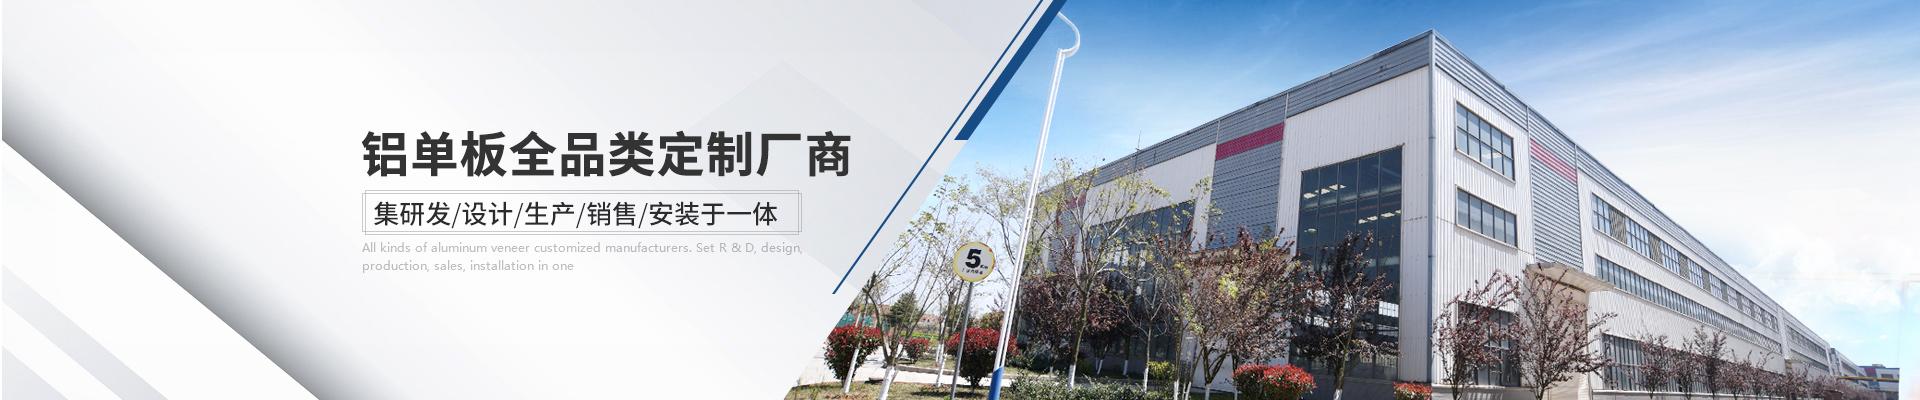 国昆,铝单板全品类定制厂商